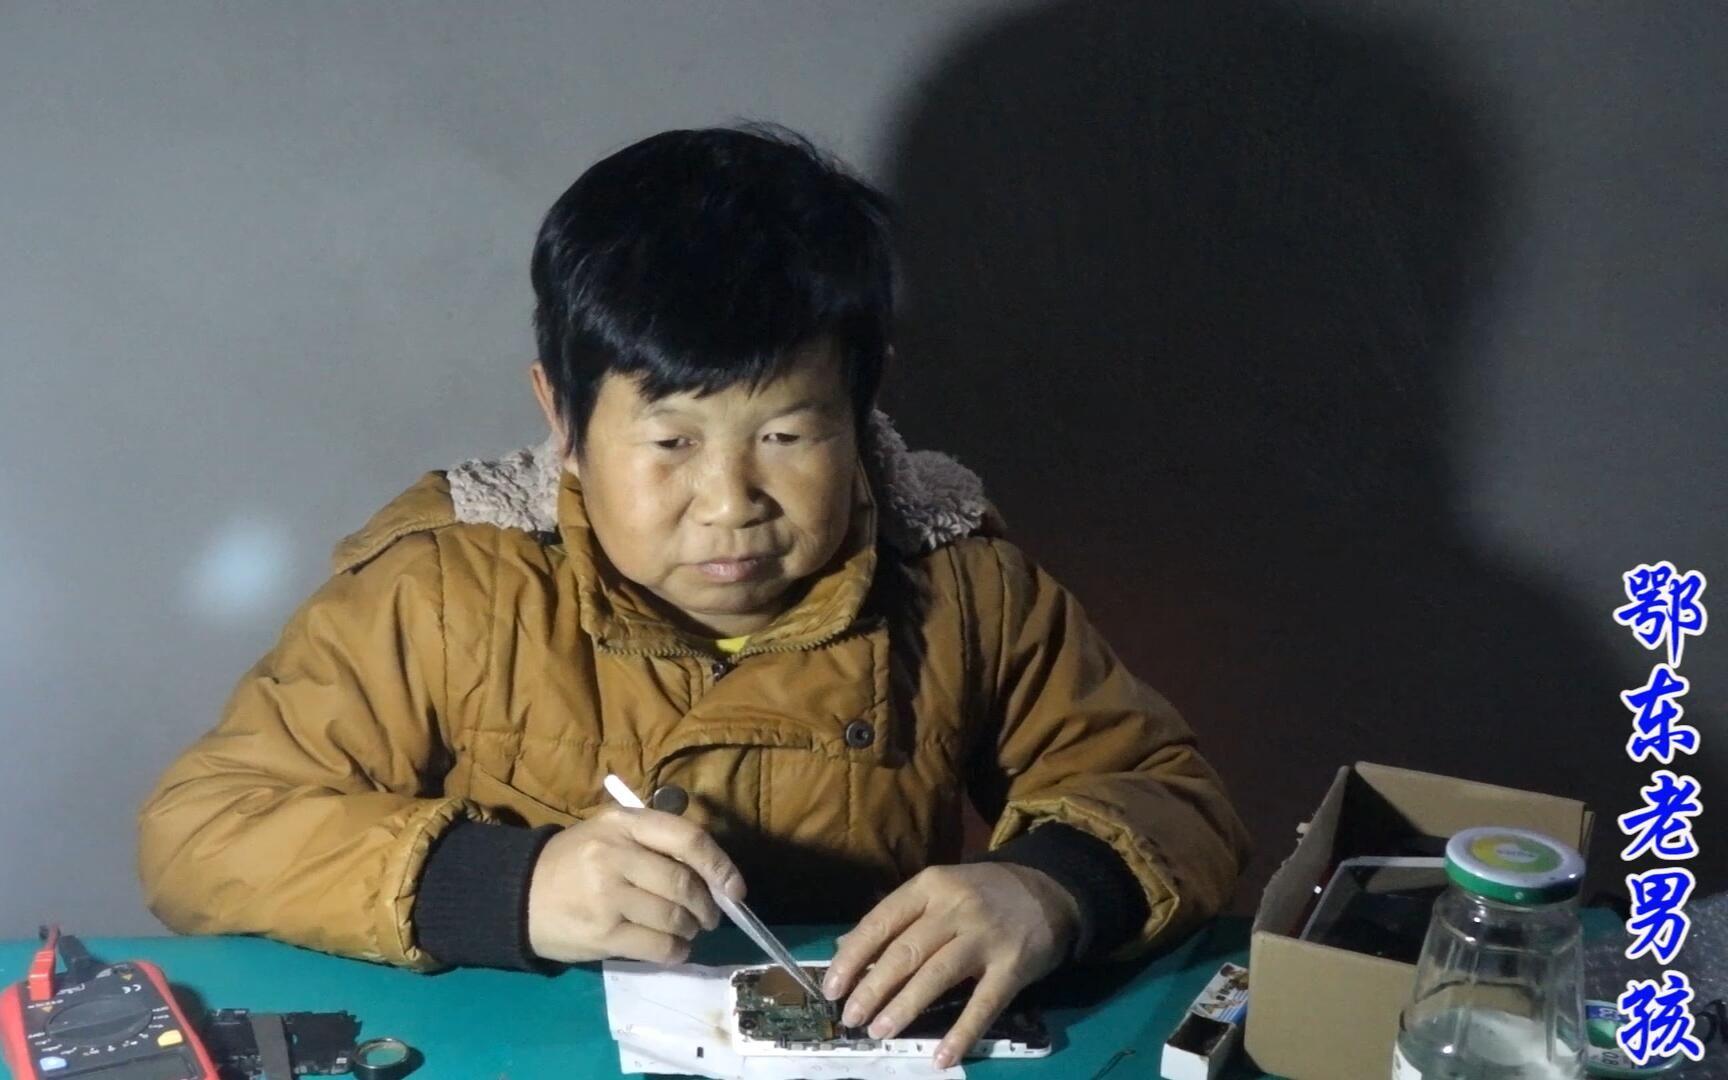 老男孩修手机,一台进水的红米,清理后触摸不灵,飞线看他能成功吗